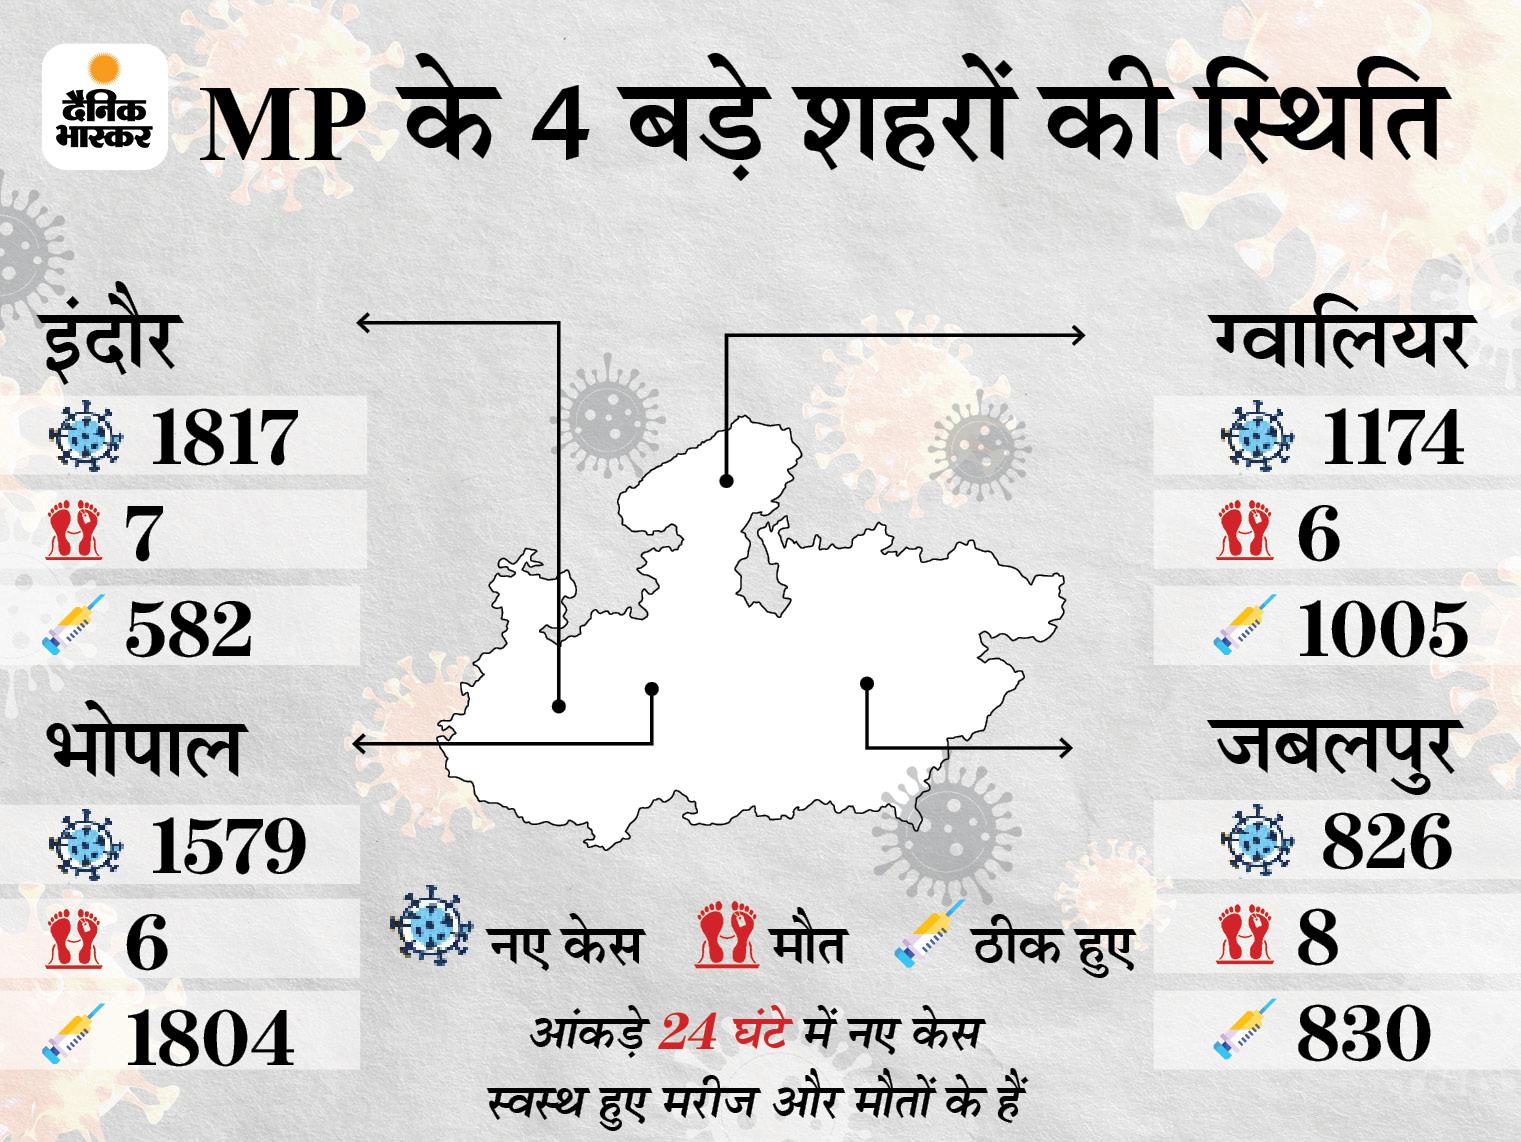 प्रदेश में 12,319 नए केस, 75 मौतें; संक्रमण तोड़ने के लिए जबलपुर और सिंगरौली में 17 मई तक समारोहों पर लगाया जा चुका है प्रतिबंध|मध्य प्रदेश,Madhya Pradesh - Dainik Bhaskar